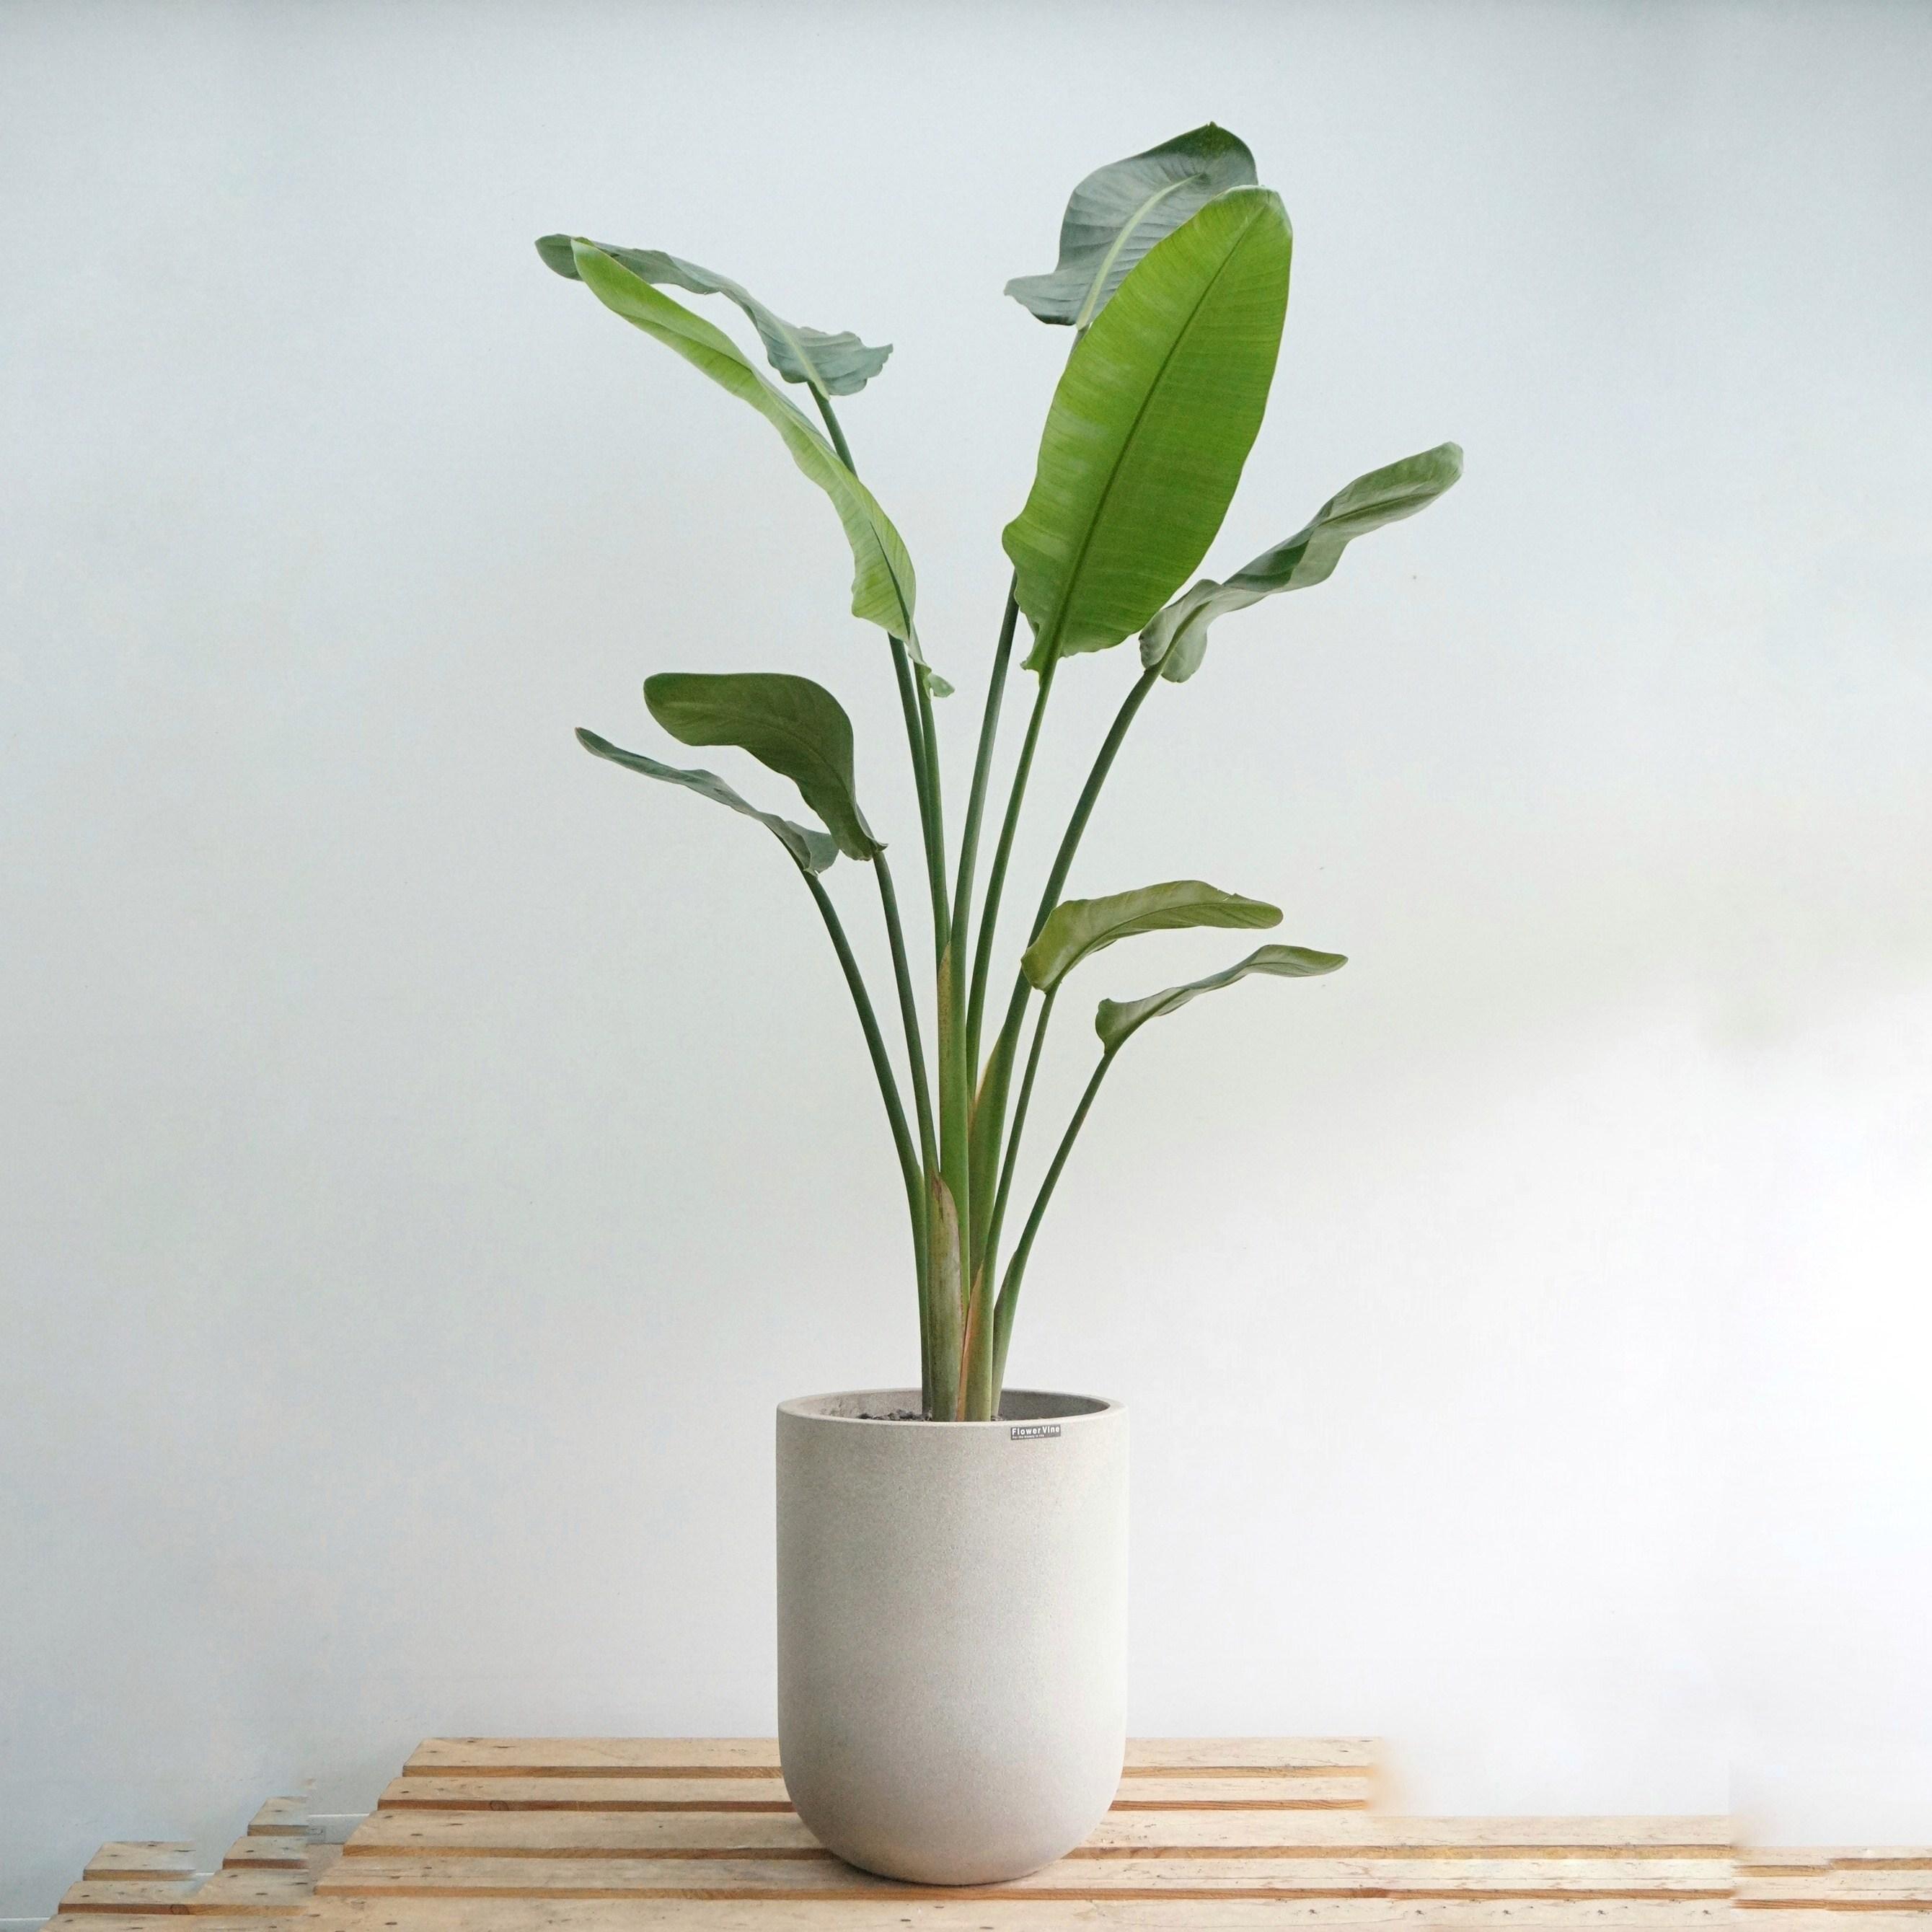 플라워바인 초대형 극락조 여인초 빈티지그레이화분 인테리어 실내식물